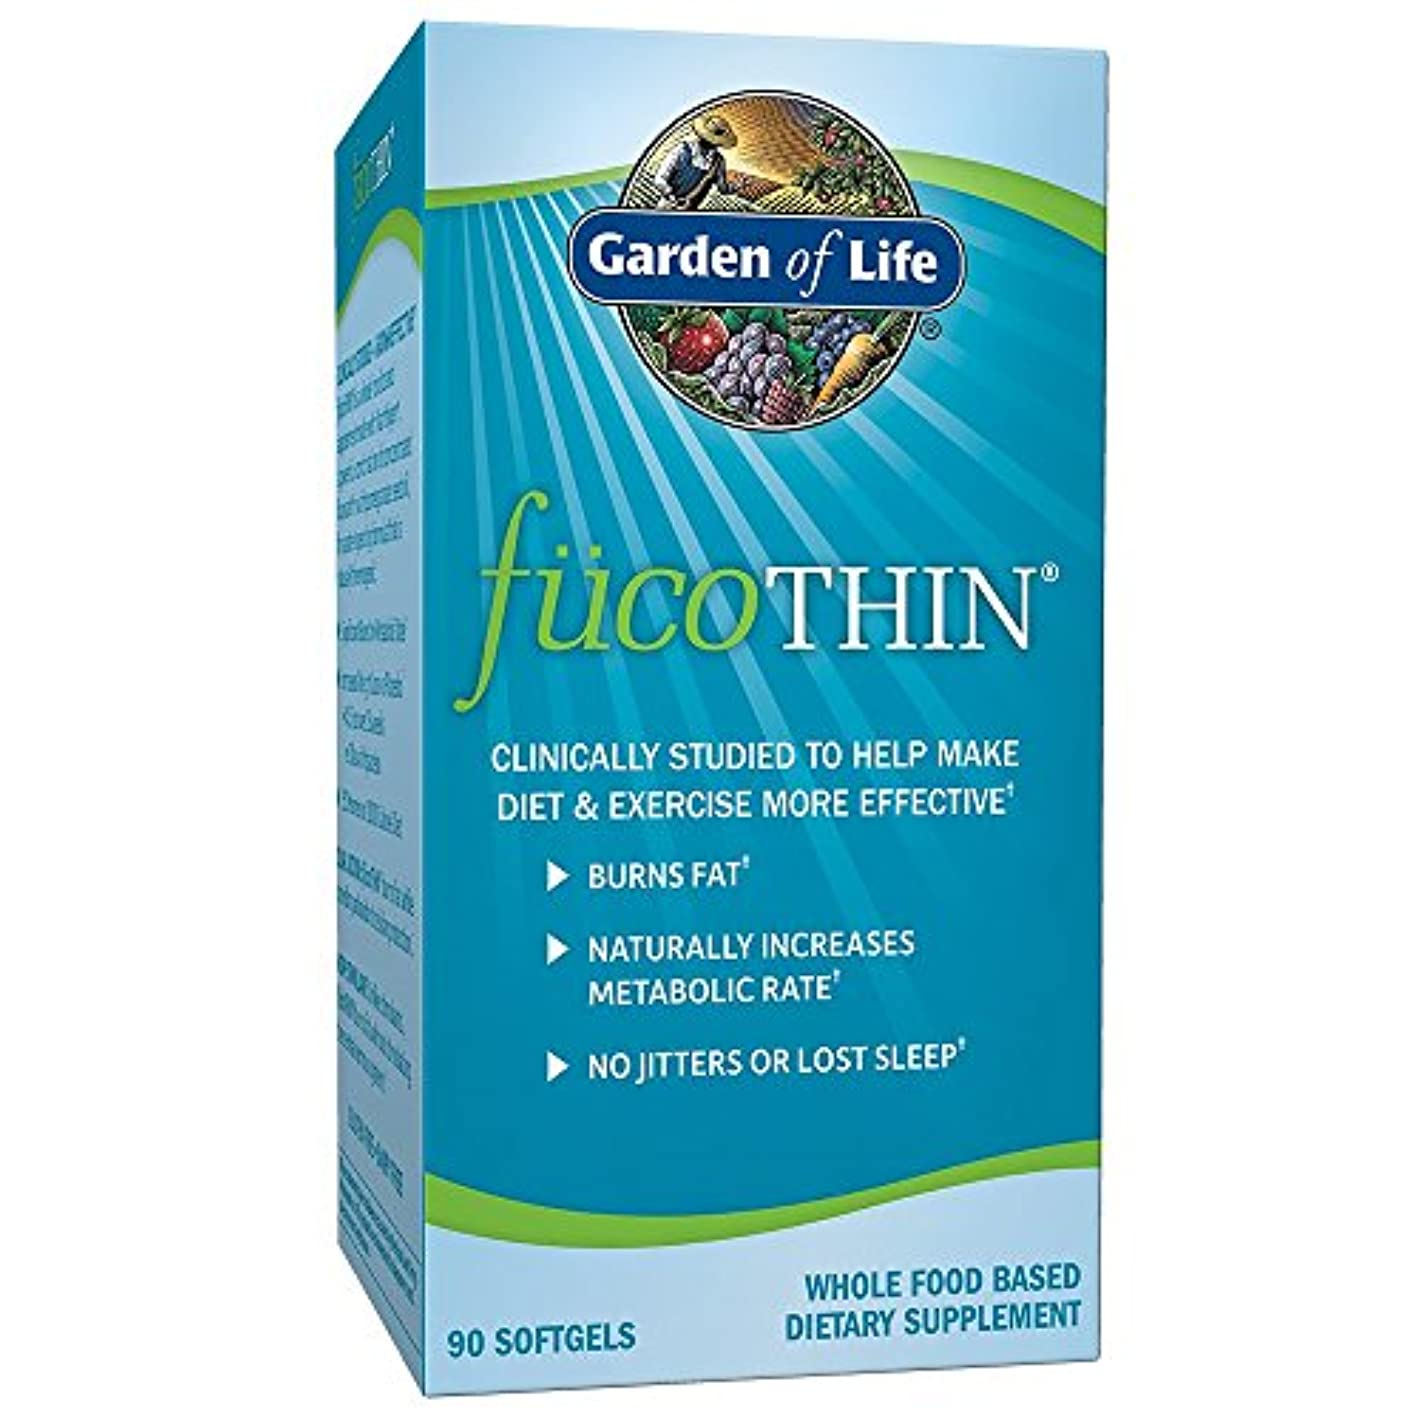 飼料素晴らしいシロクマフコシン(フコキサンチン配合メラメラダイエット) 海外直送品